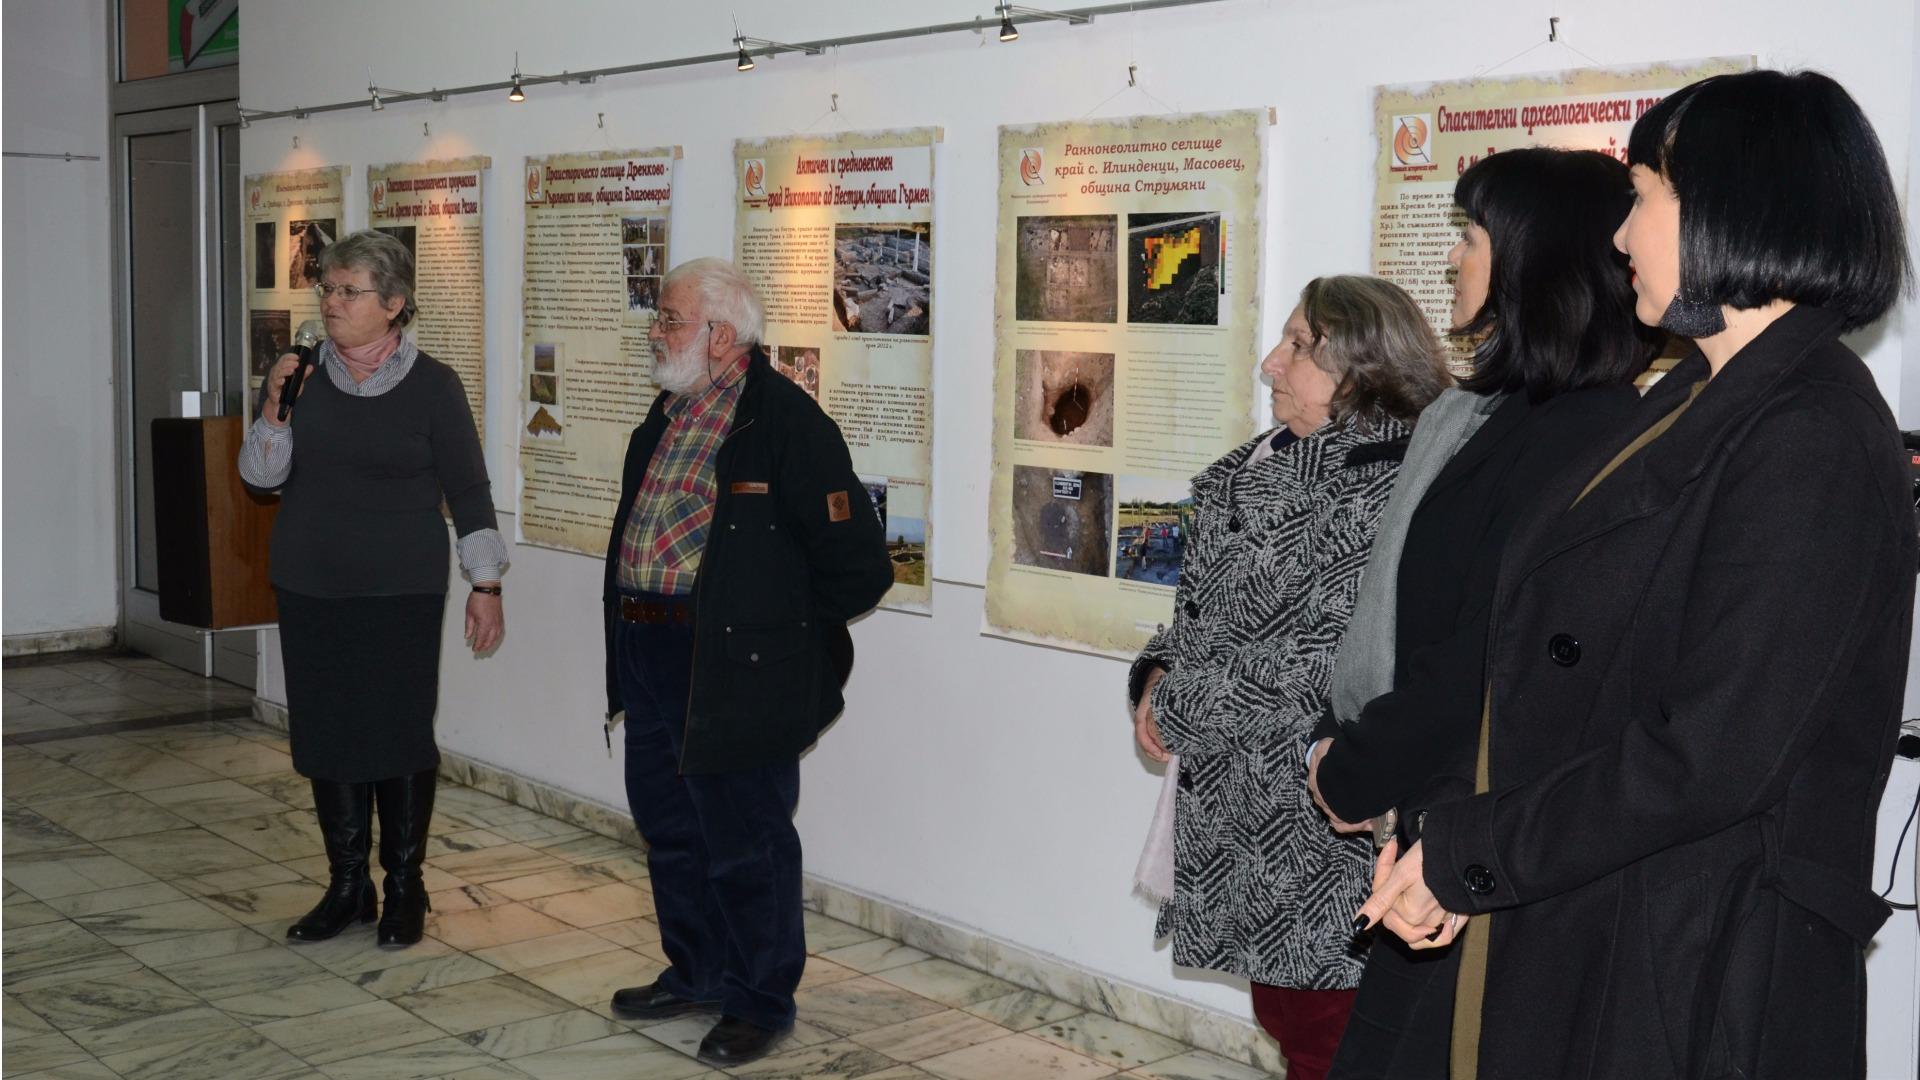 Малгожата и Илия Кулови на откриване на изложба в Арт салона на Радио Благоевград